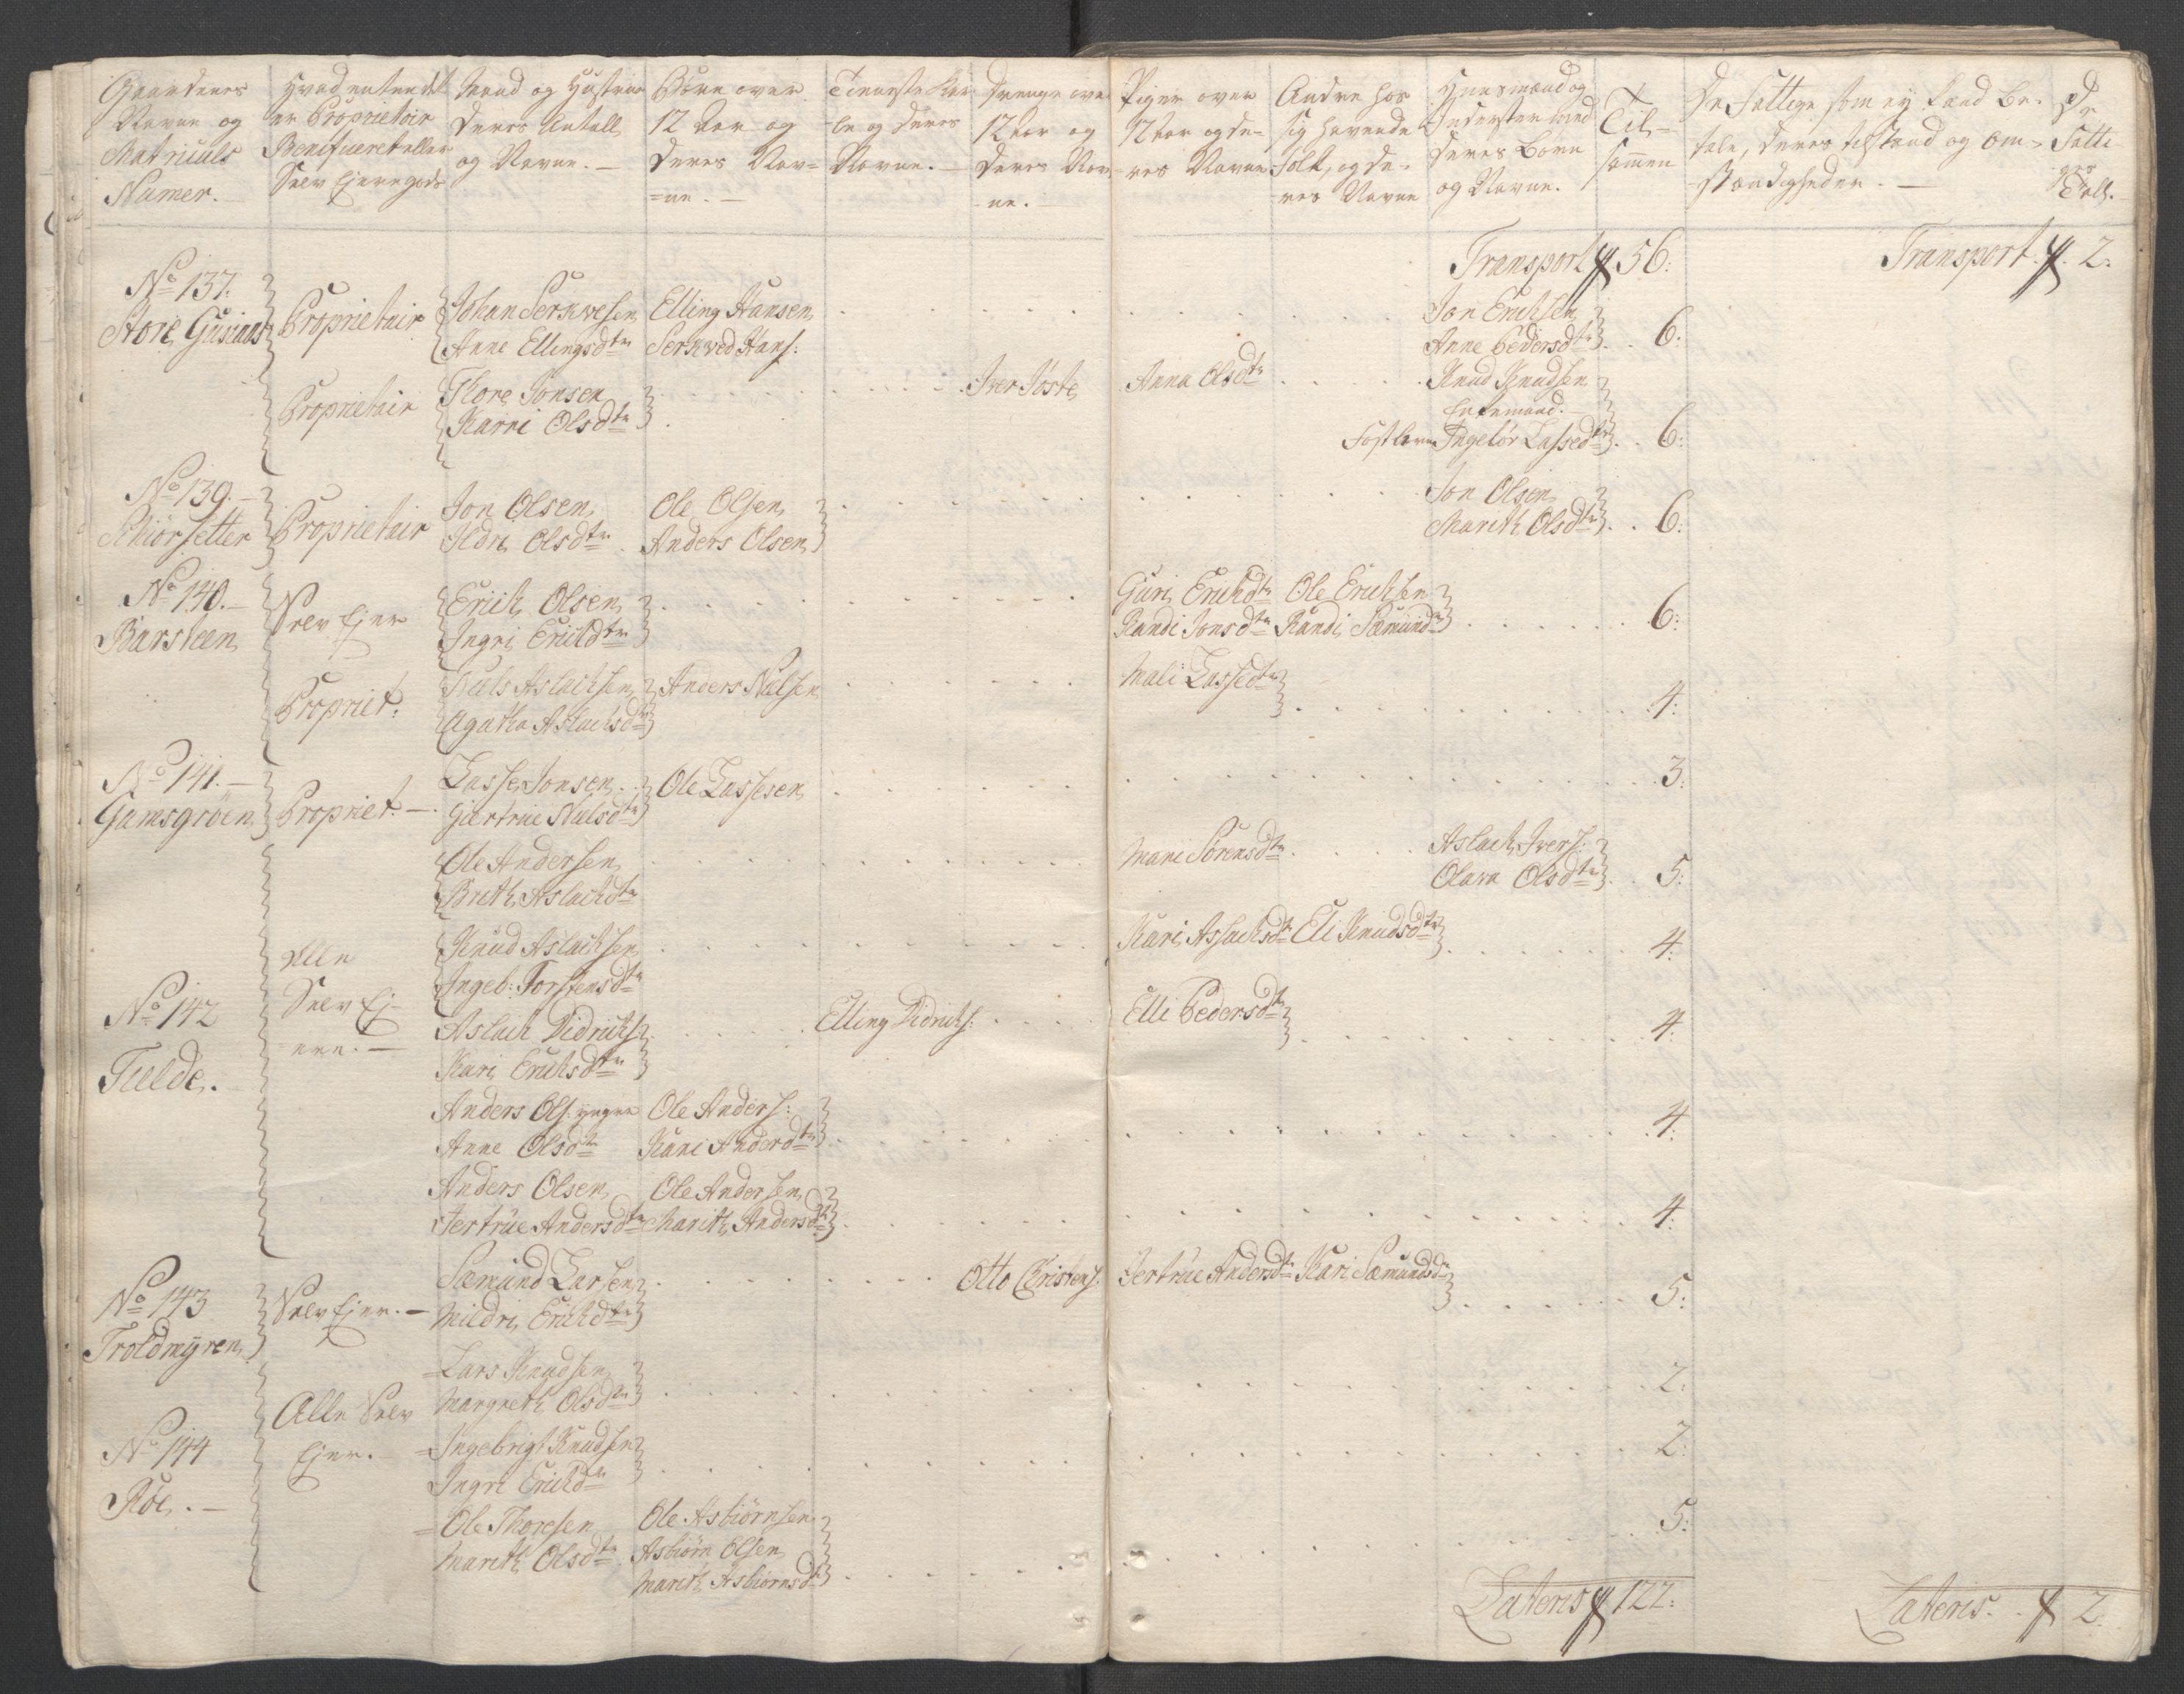 RA, Rentekammeret inntil 1814, Reviderte regnskaper, Fogderegnskap, R55/L3730: Ekstraskatten Romsdal, 1762-1763, s. 26